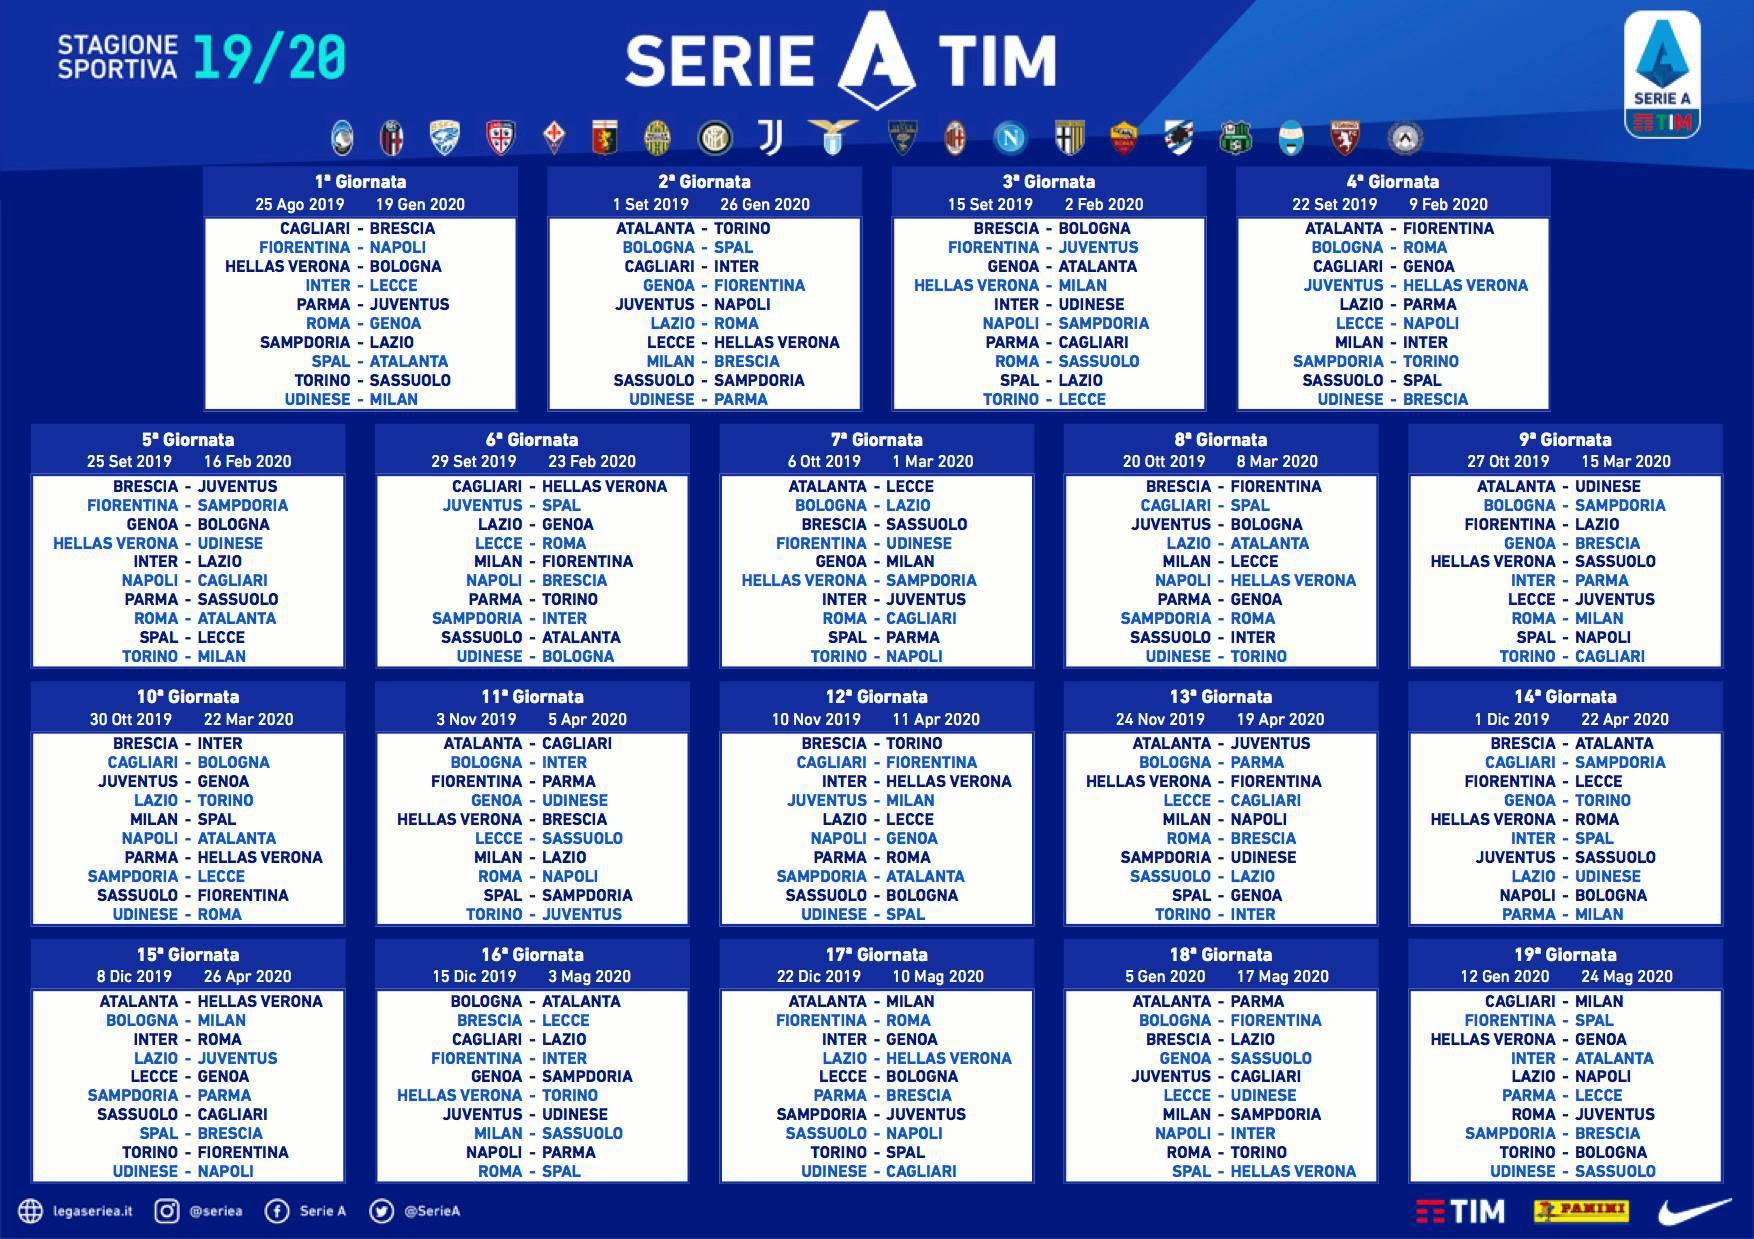 Calendario Premier League 2020 16.Calendario Fiorentina 2020 21 Calendario 2020